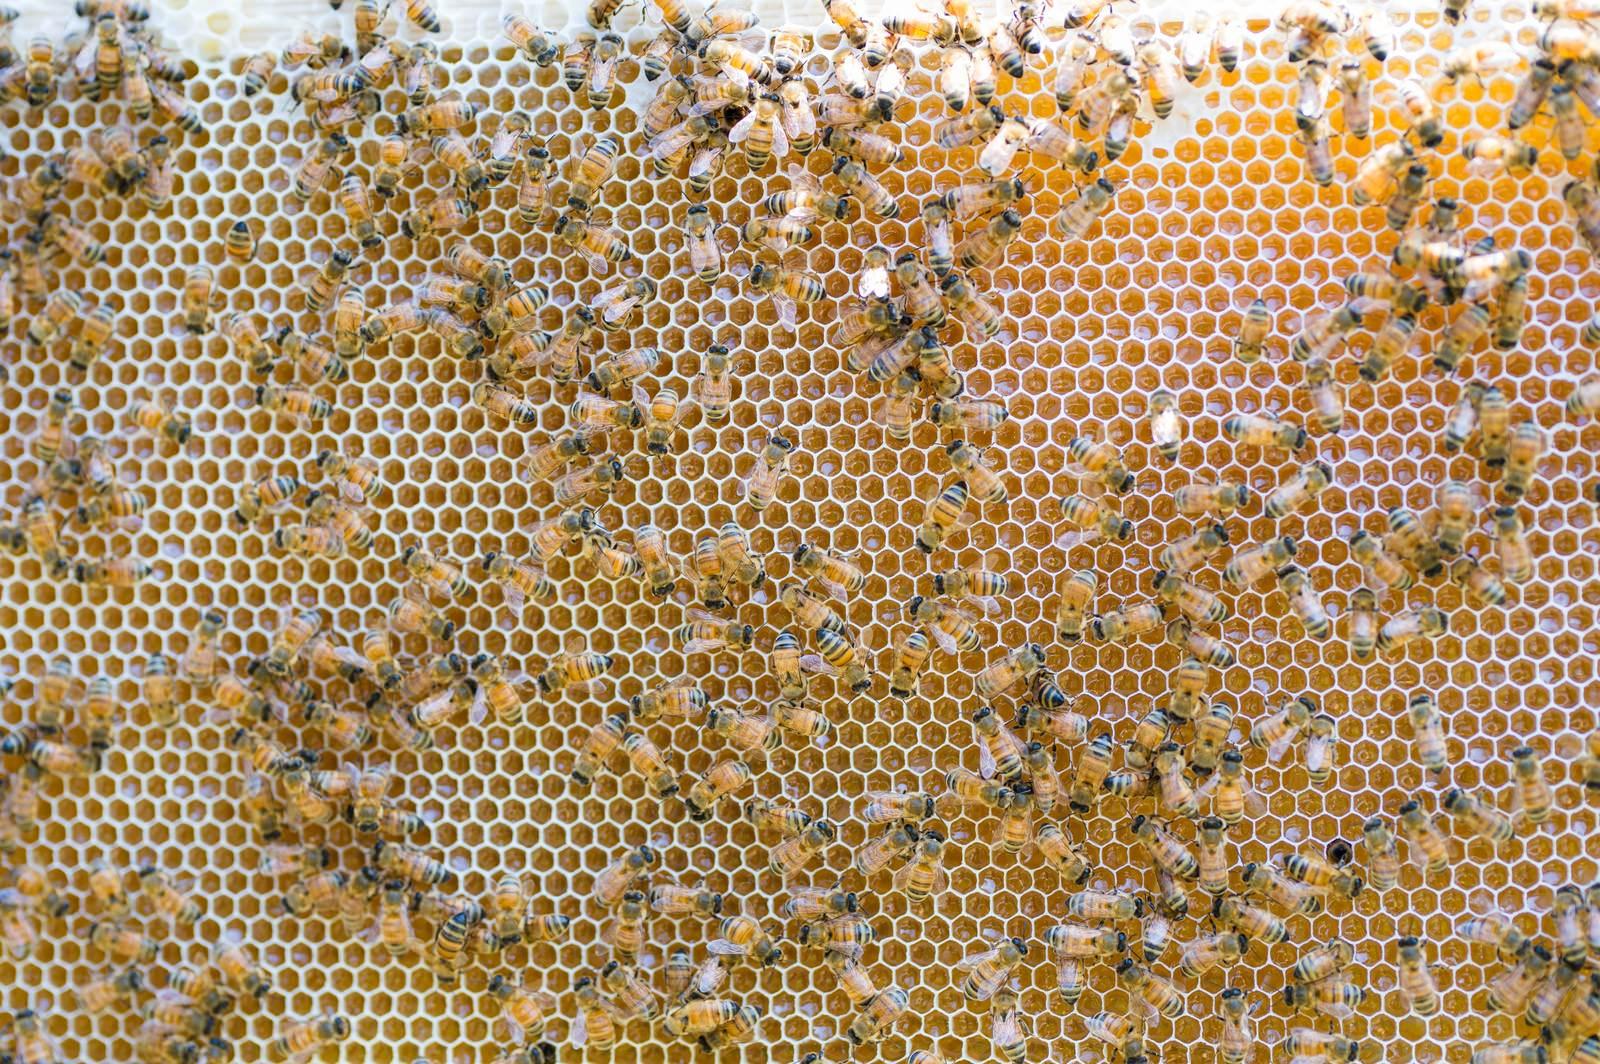 「ハチミツを熟成させているところ」の写真